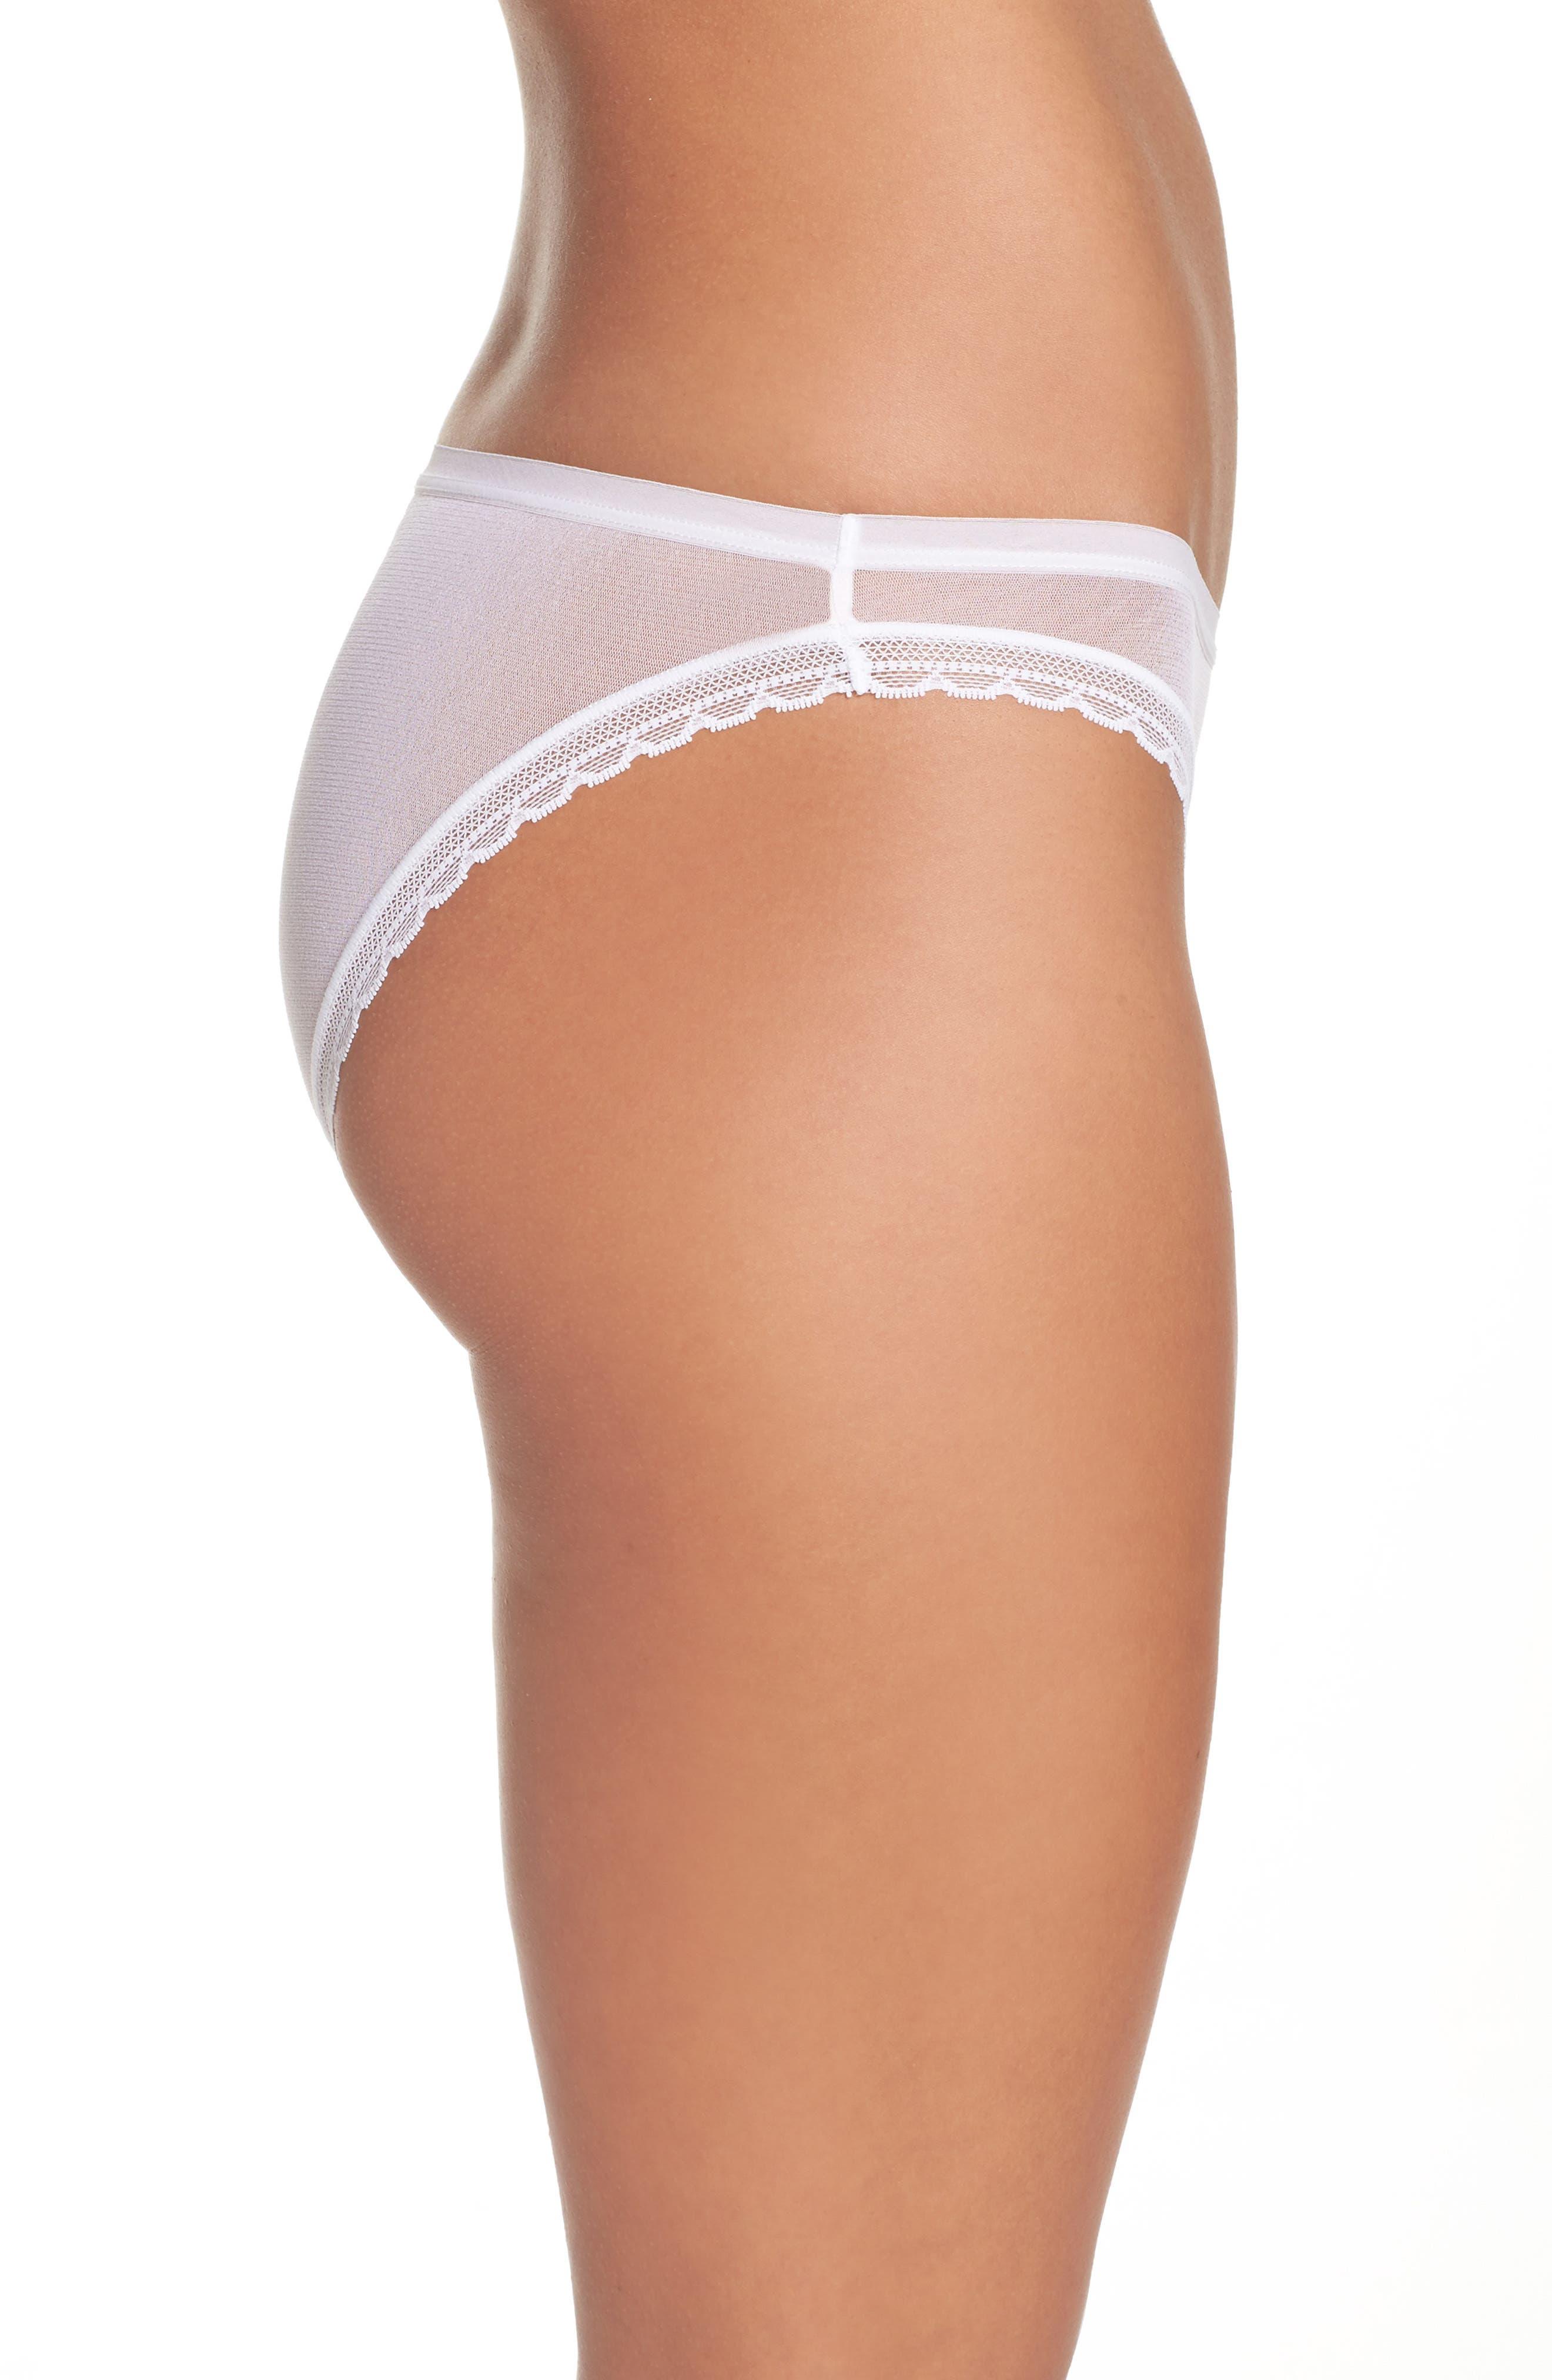 Mesh Bikini,                             Alternate thumbnail 3, color,                             White